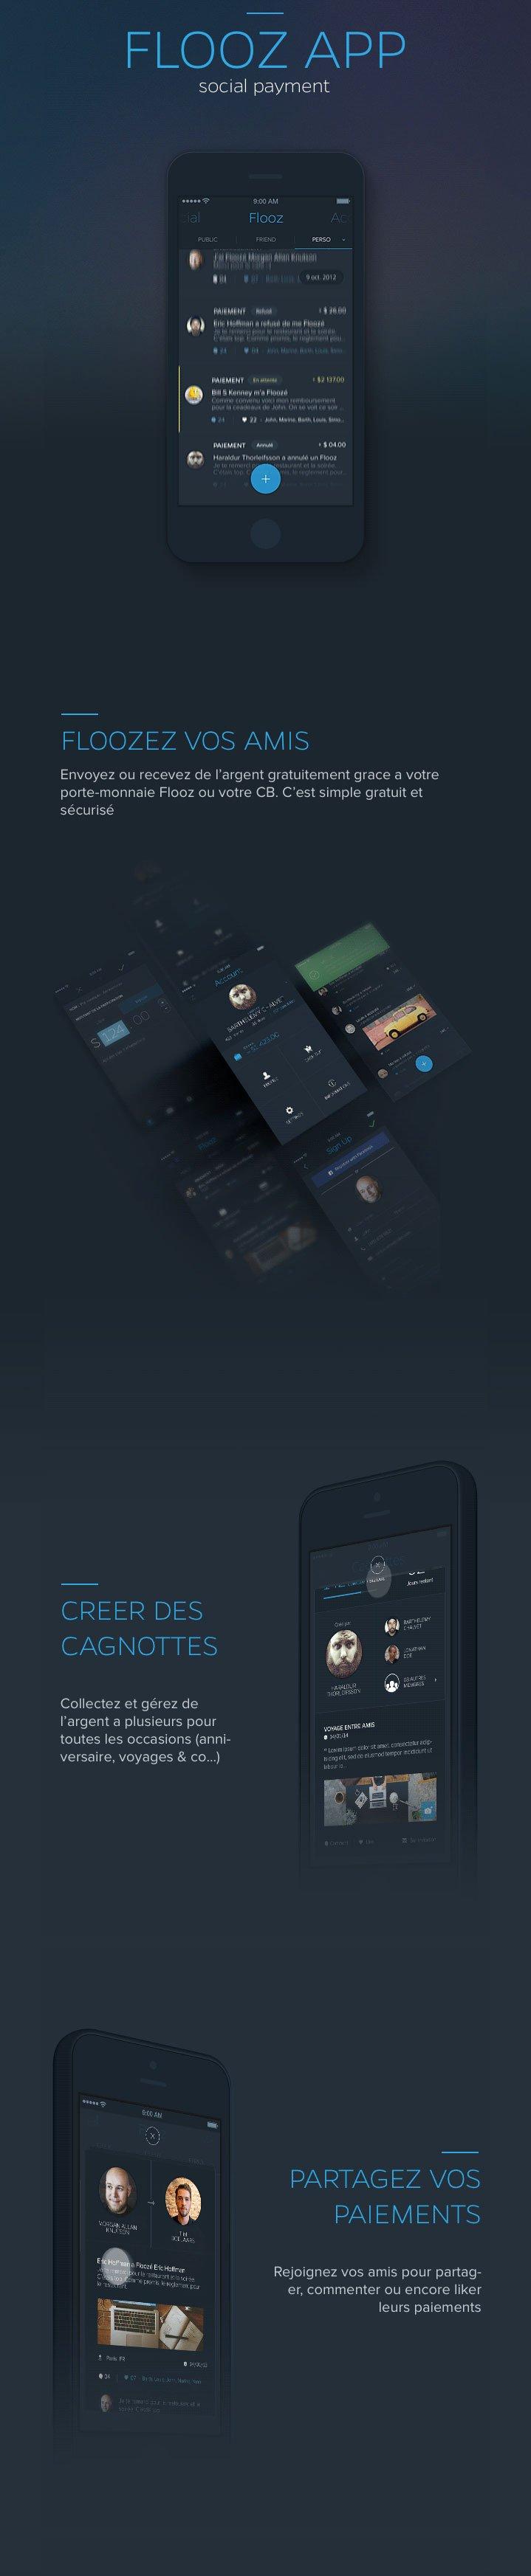 Daily Mobile UI Design Inspiration #304